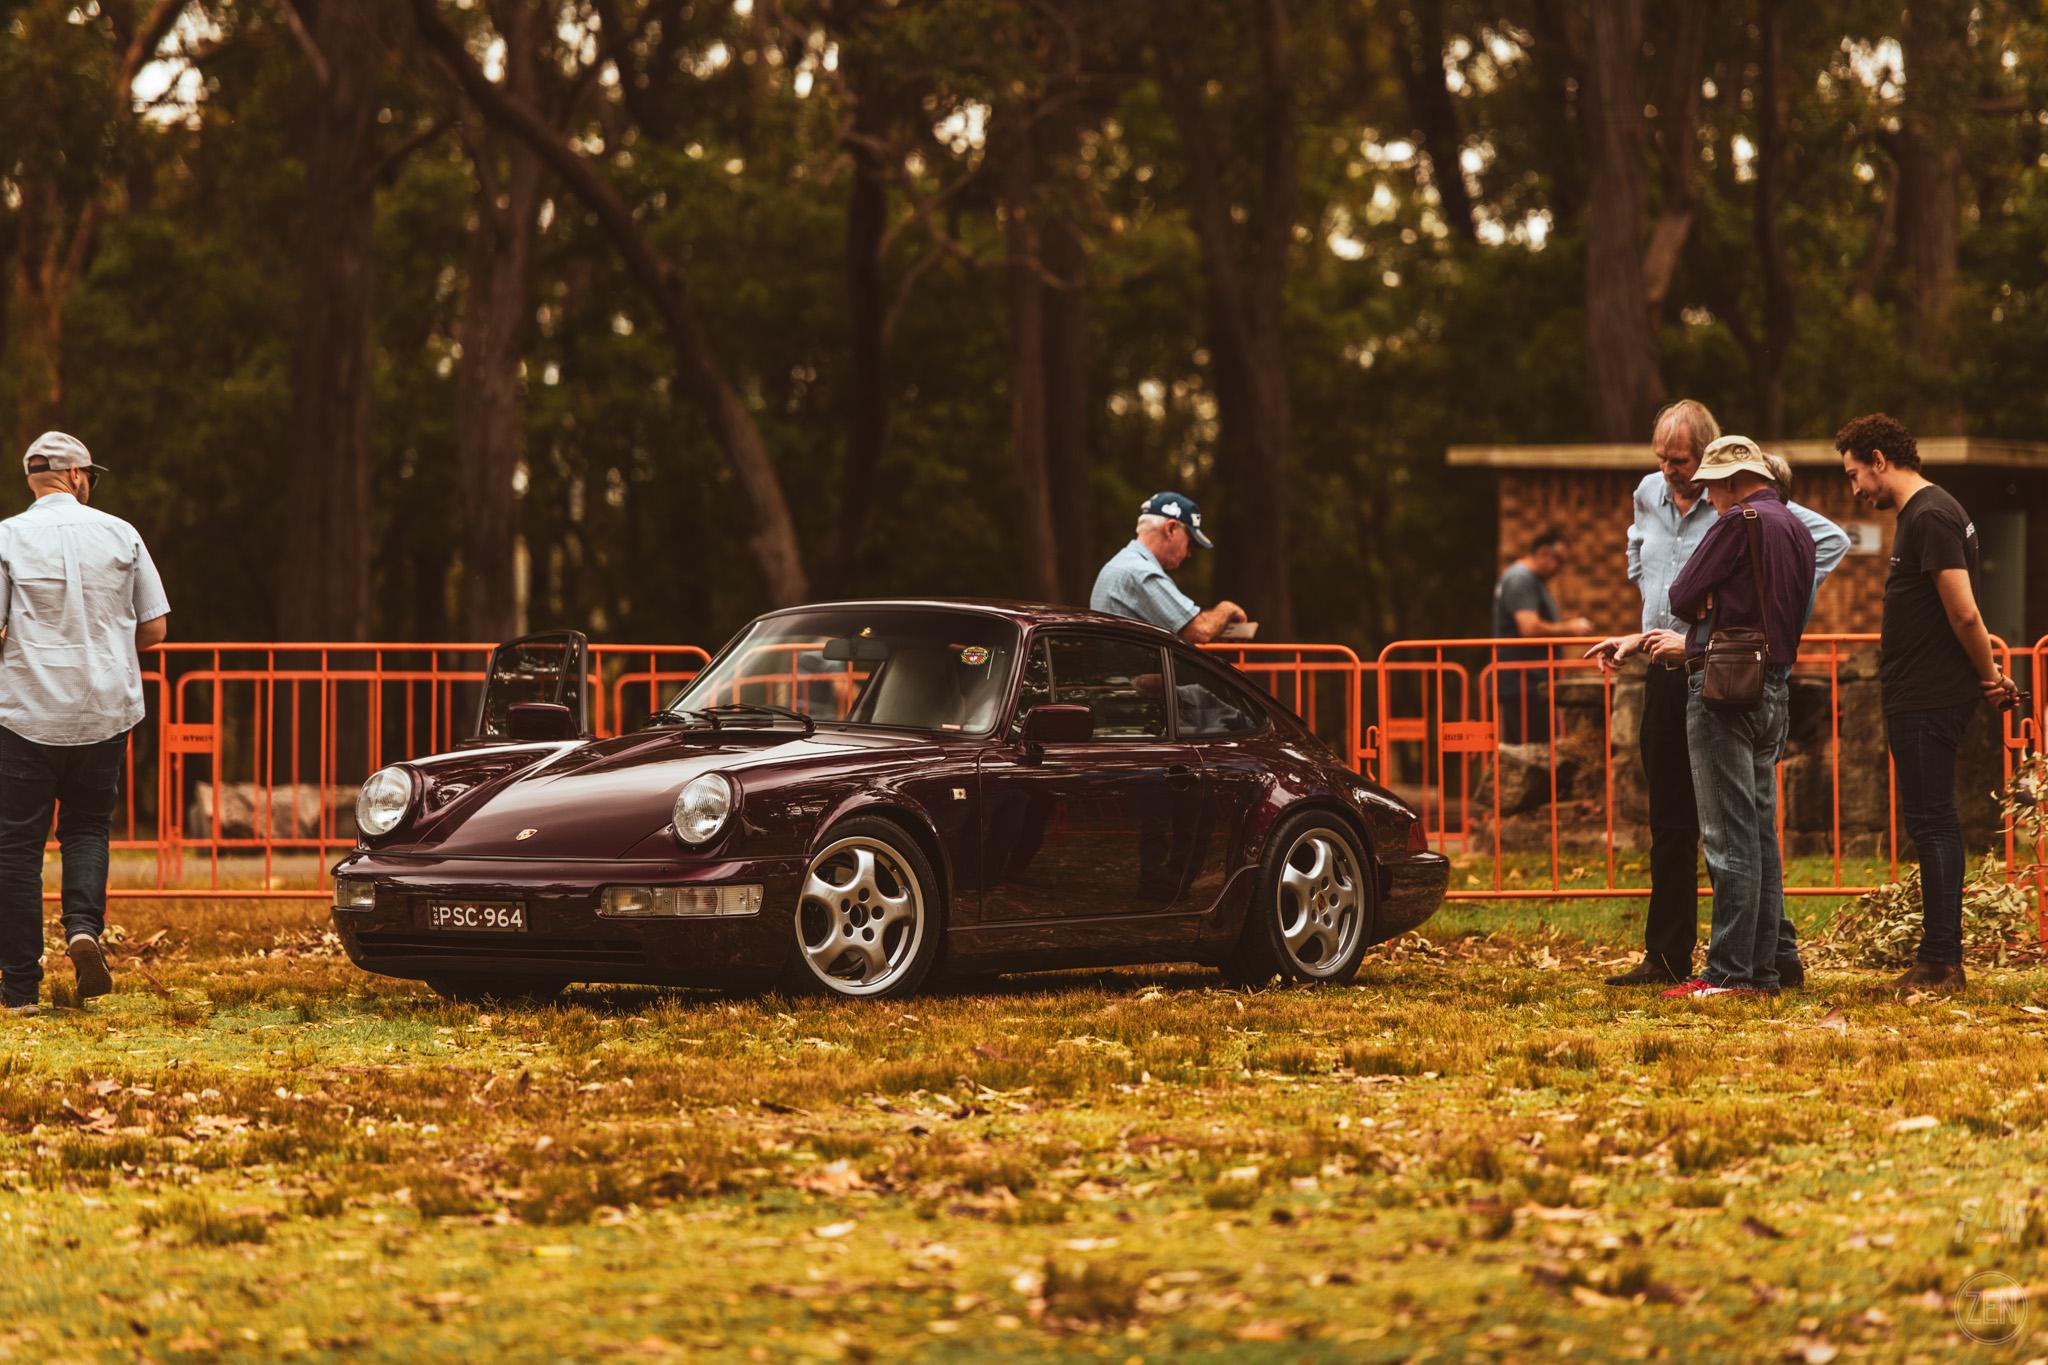 2019-12-08 - Porsches & Coffee 144